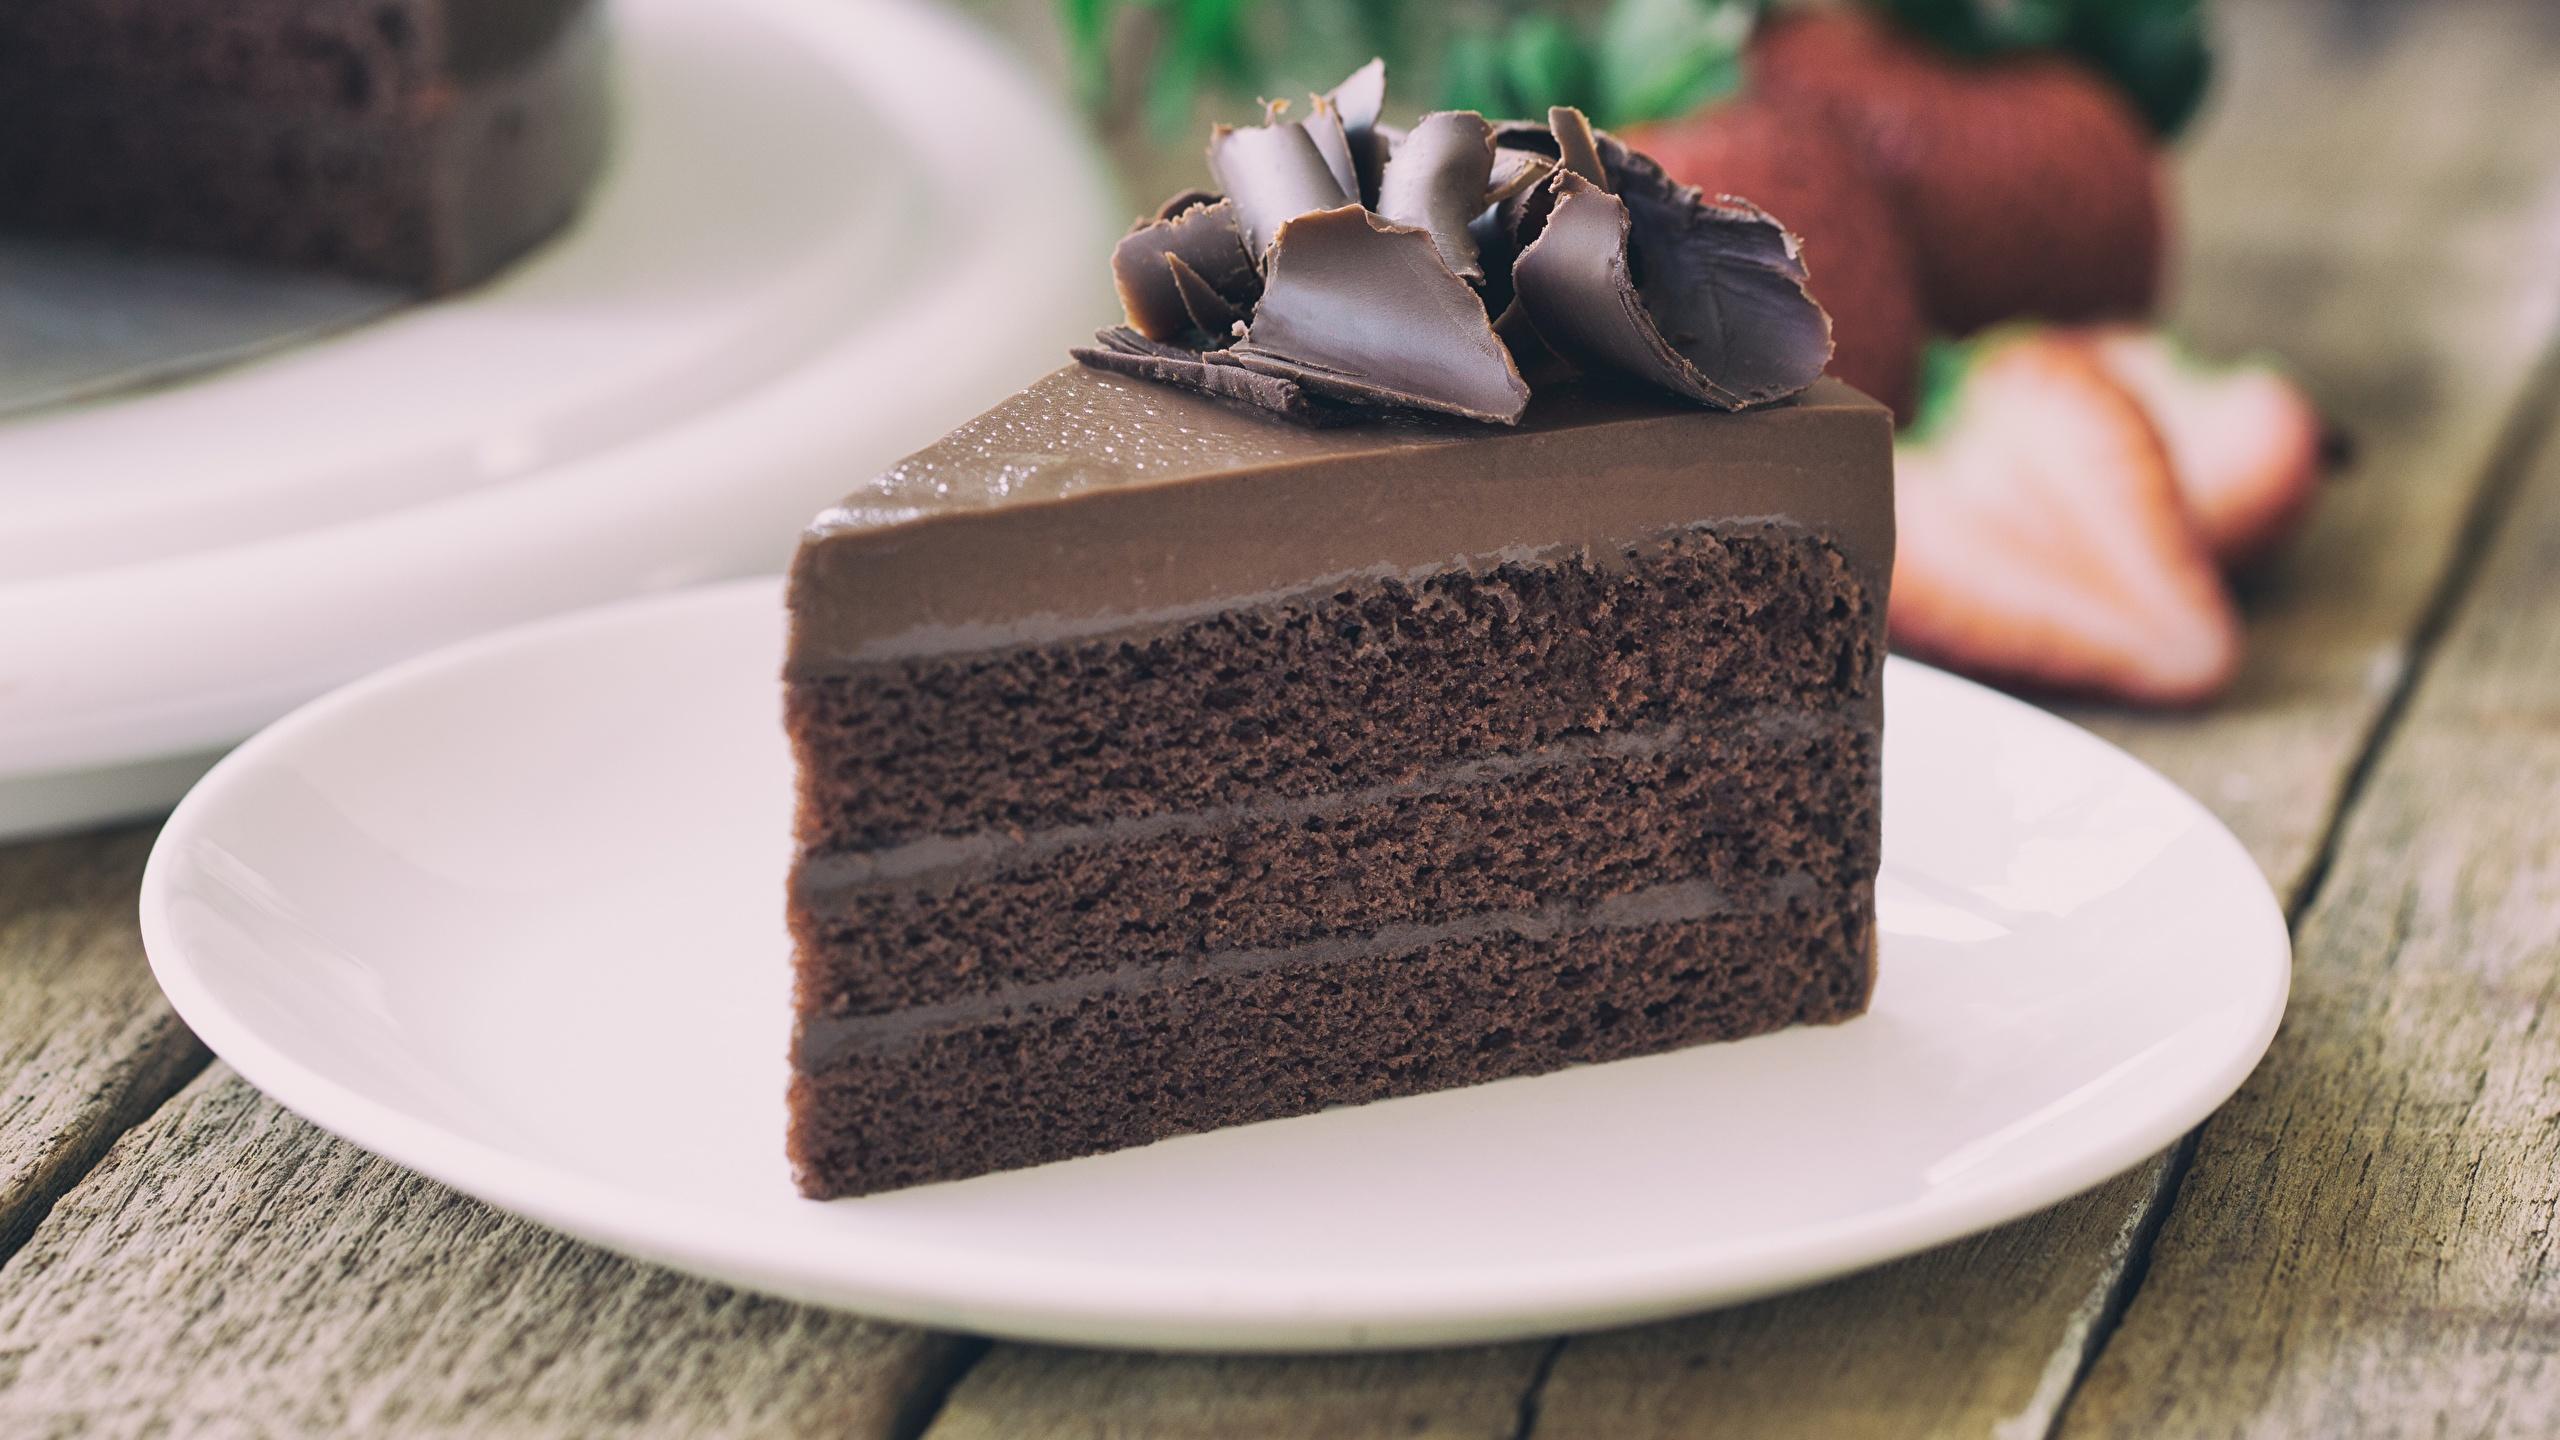 Фотография Шоколад Торты кусочки Еда Тарелка 2560x1440 часть Кусок кусочек Пища тарелке Продукты питания